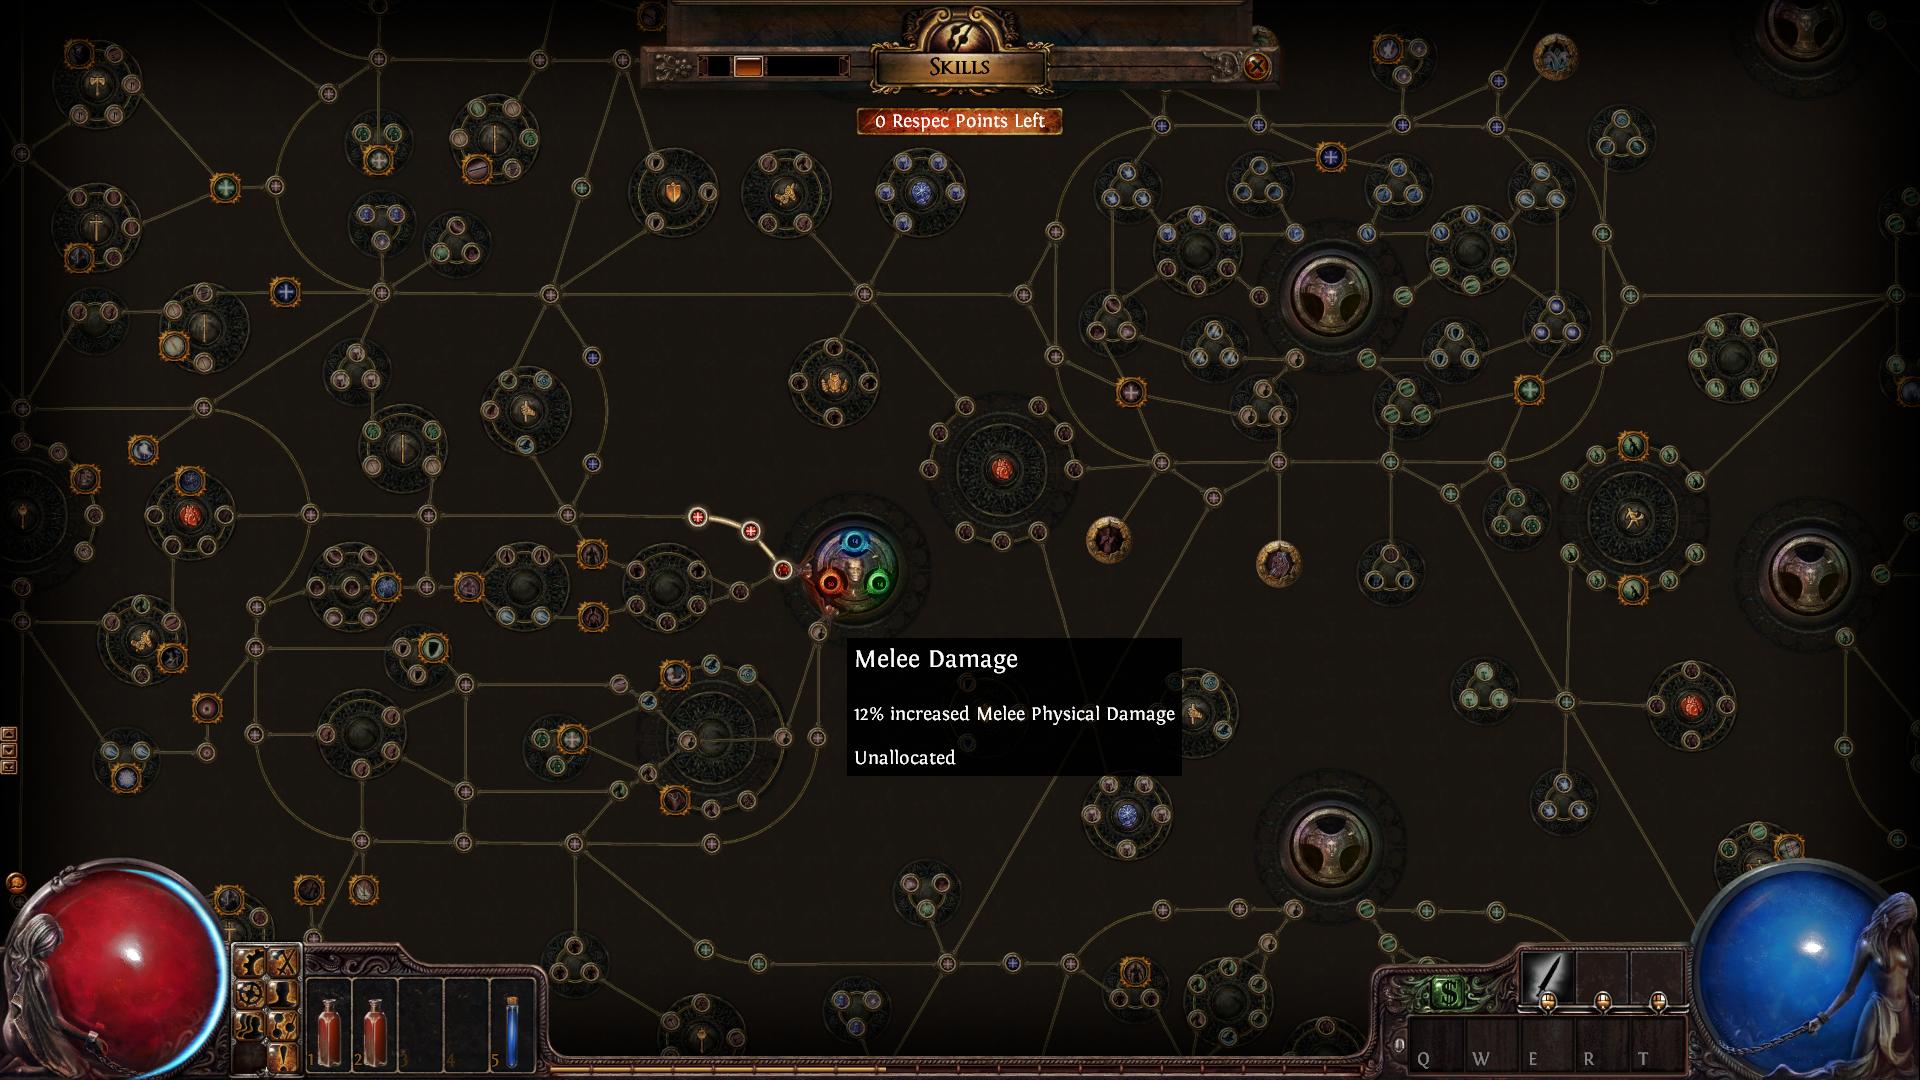 L'albero delle abilità di Path of Exile. Vi pare enorme? Bene, questa immagine riporta solo una parte delle abilità da poter assegnare al proprio personaggio